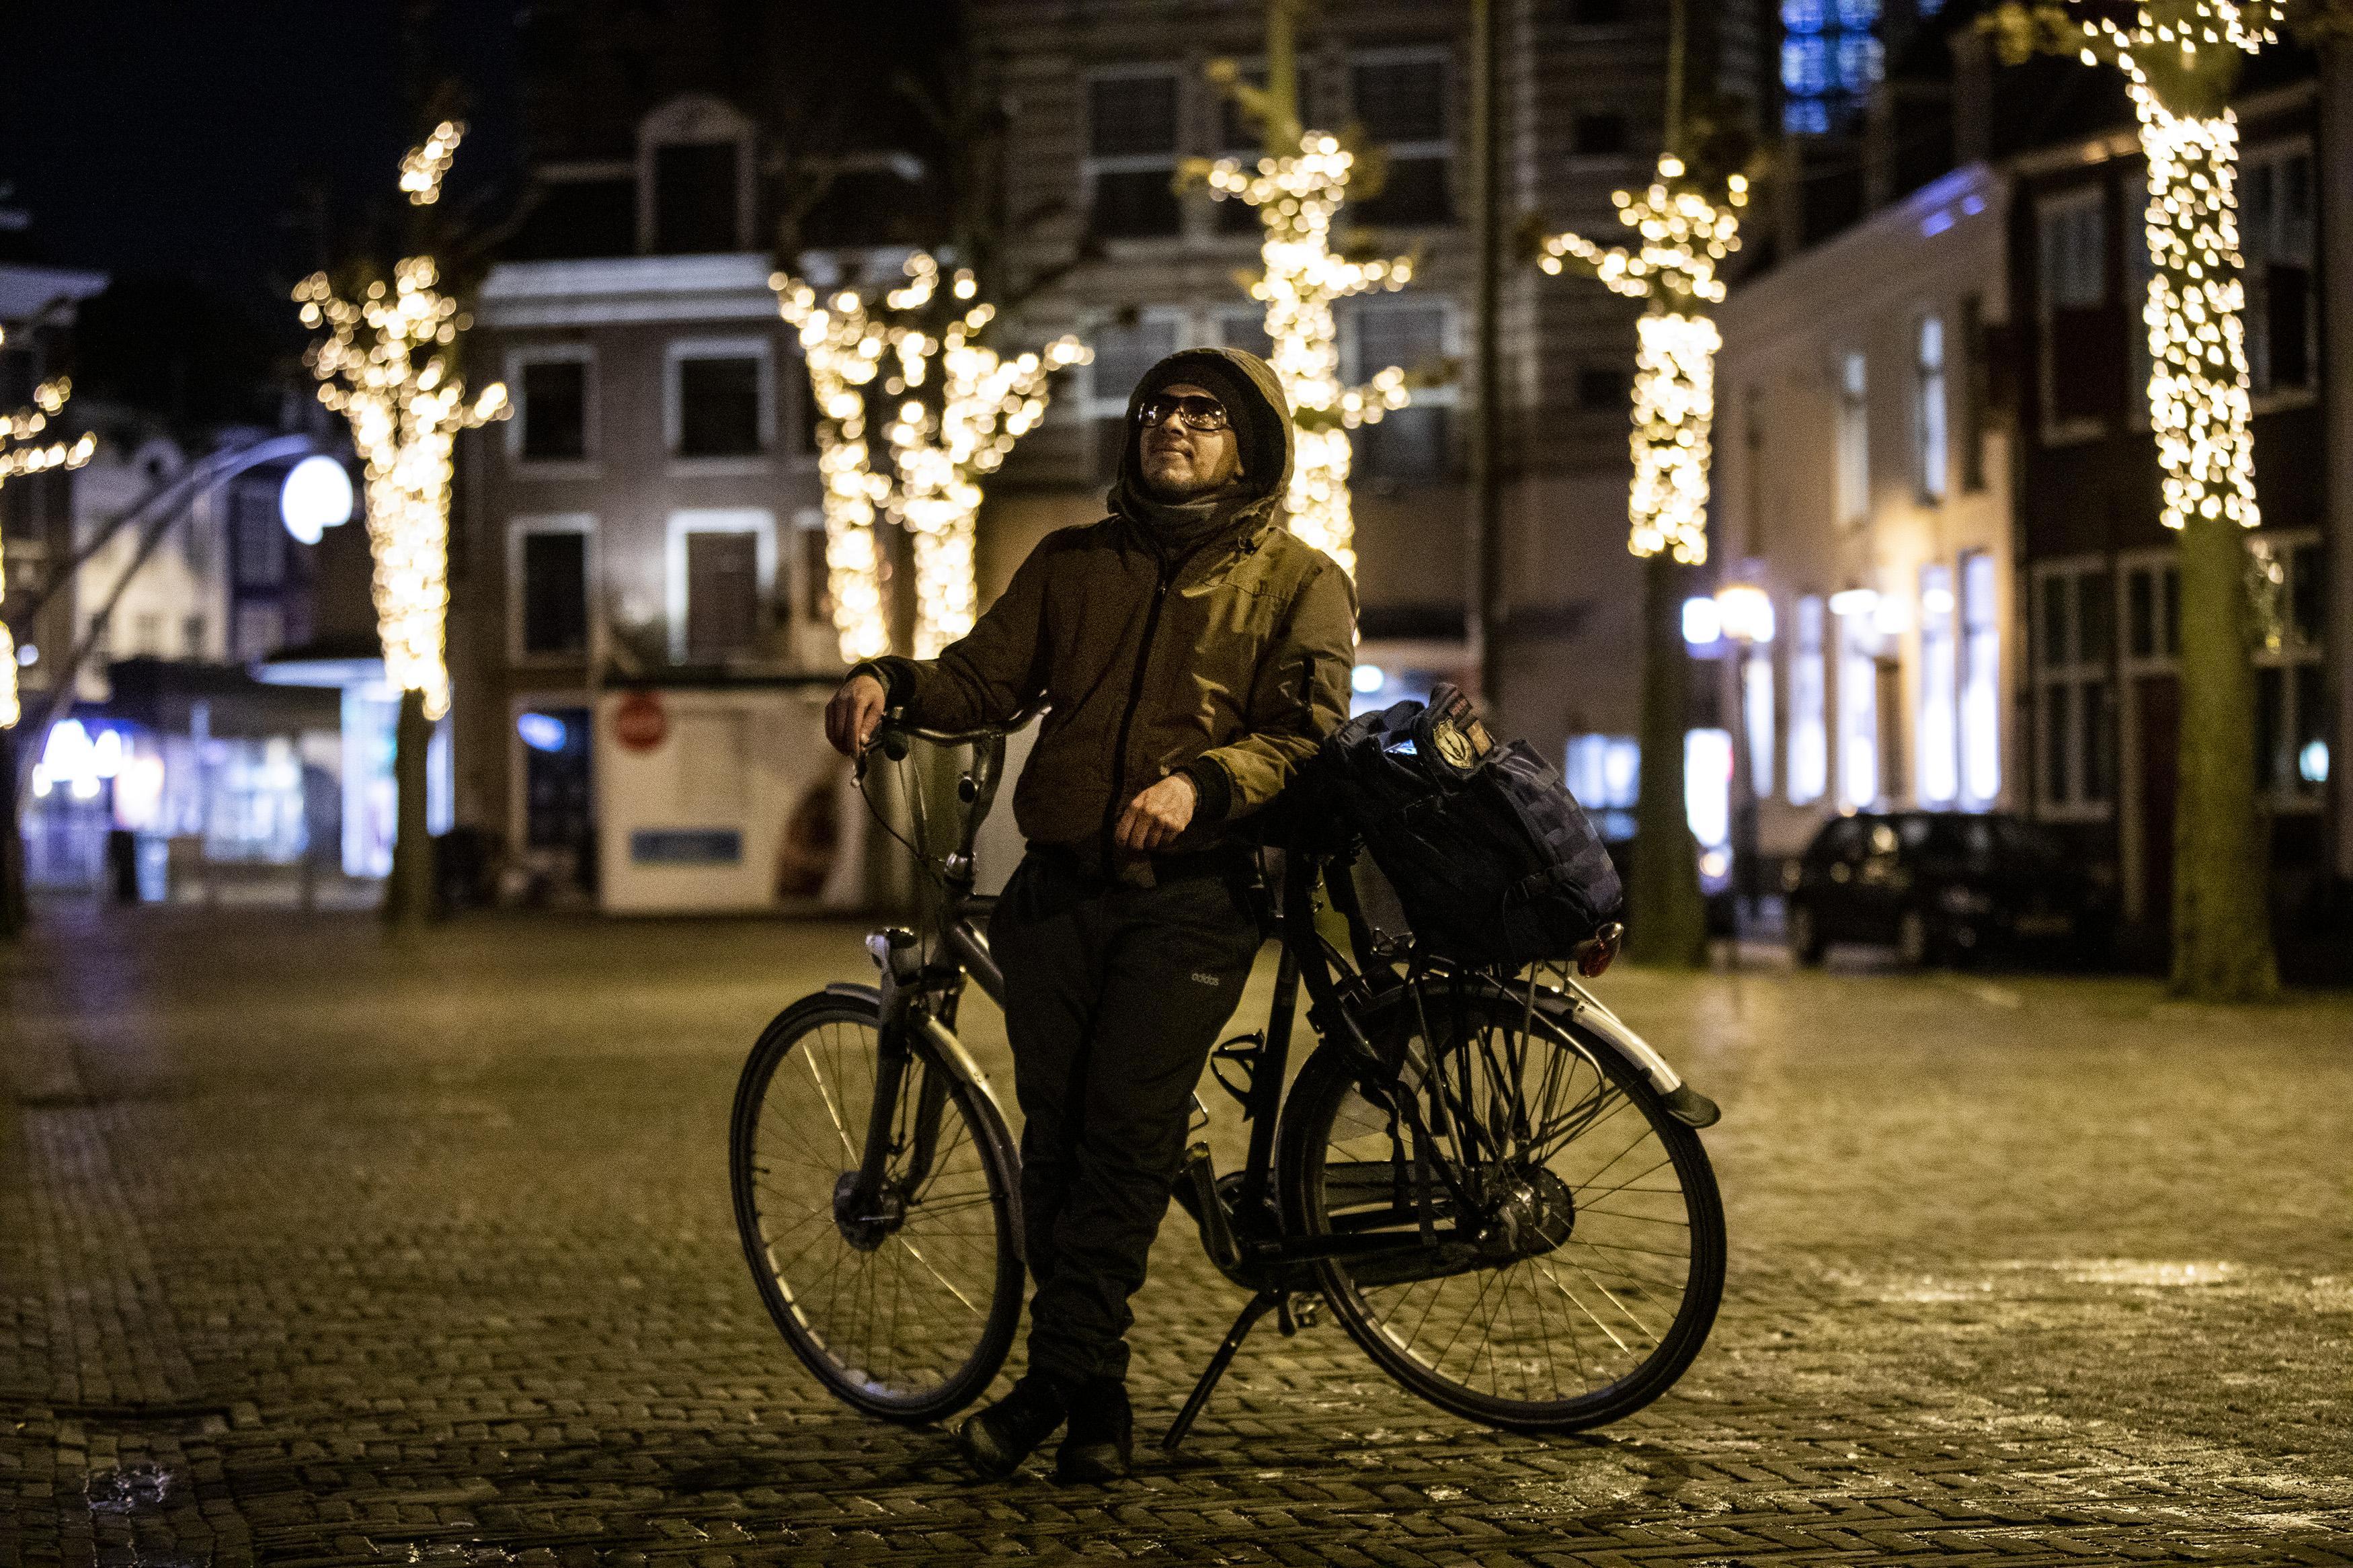 Dit tref je aan je als op zaterdagavond door Haarlem loopt, nadat de avondklok is ingegaan